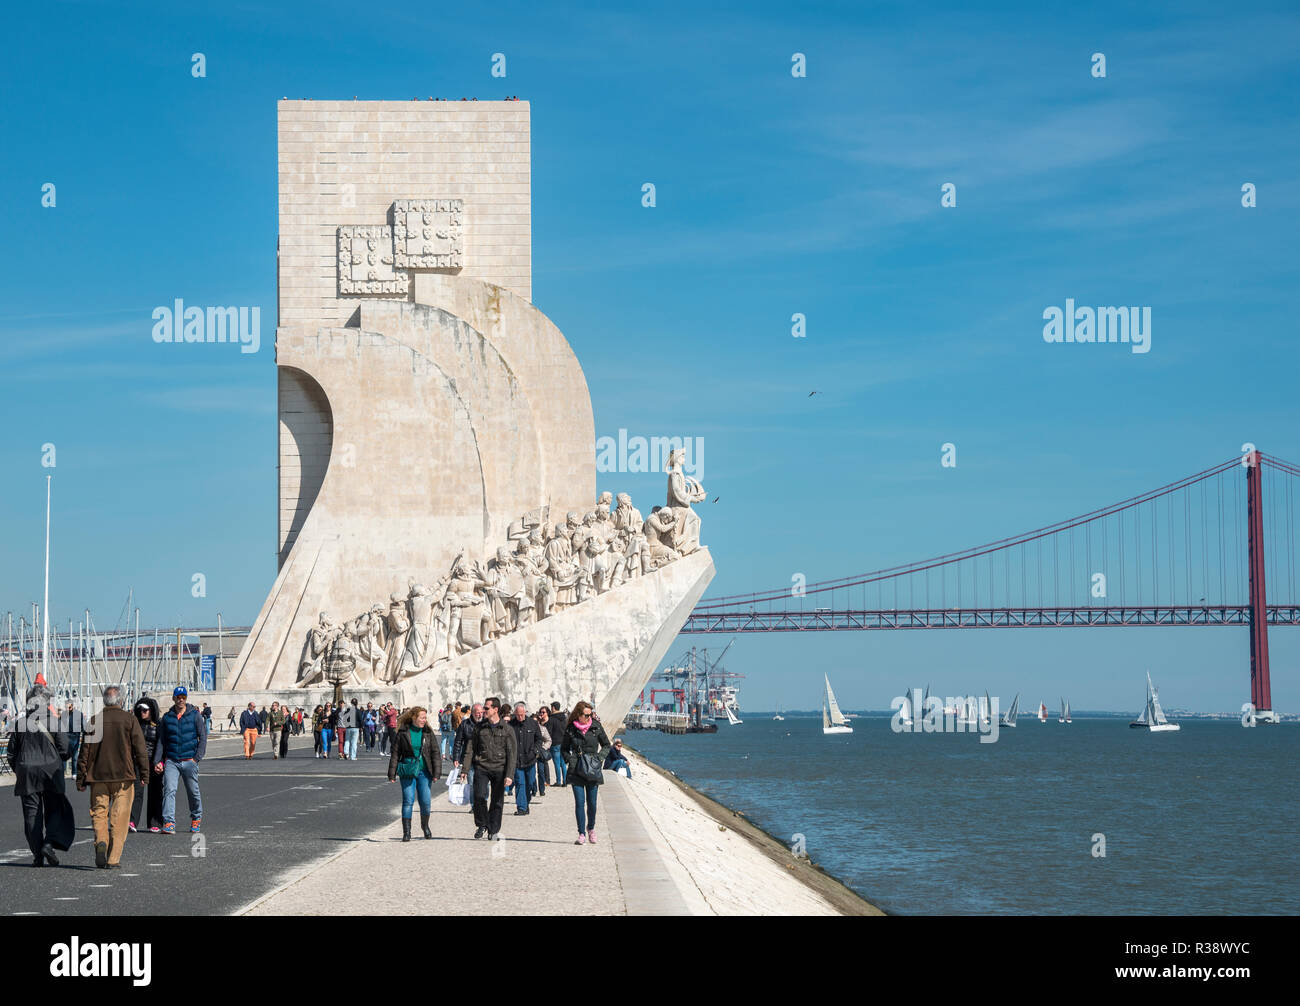 Monument of Discoveries, Padrão dos Descobrimentos with Ponte 25 de Abril, Promenade at the Rio Tajo, Belem, Lisbon, Portugal - Stock Image